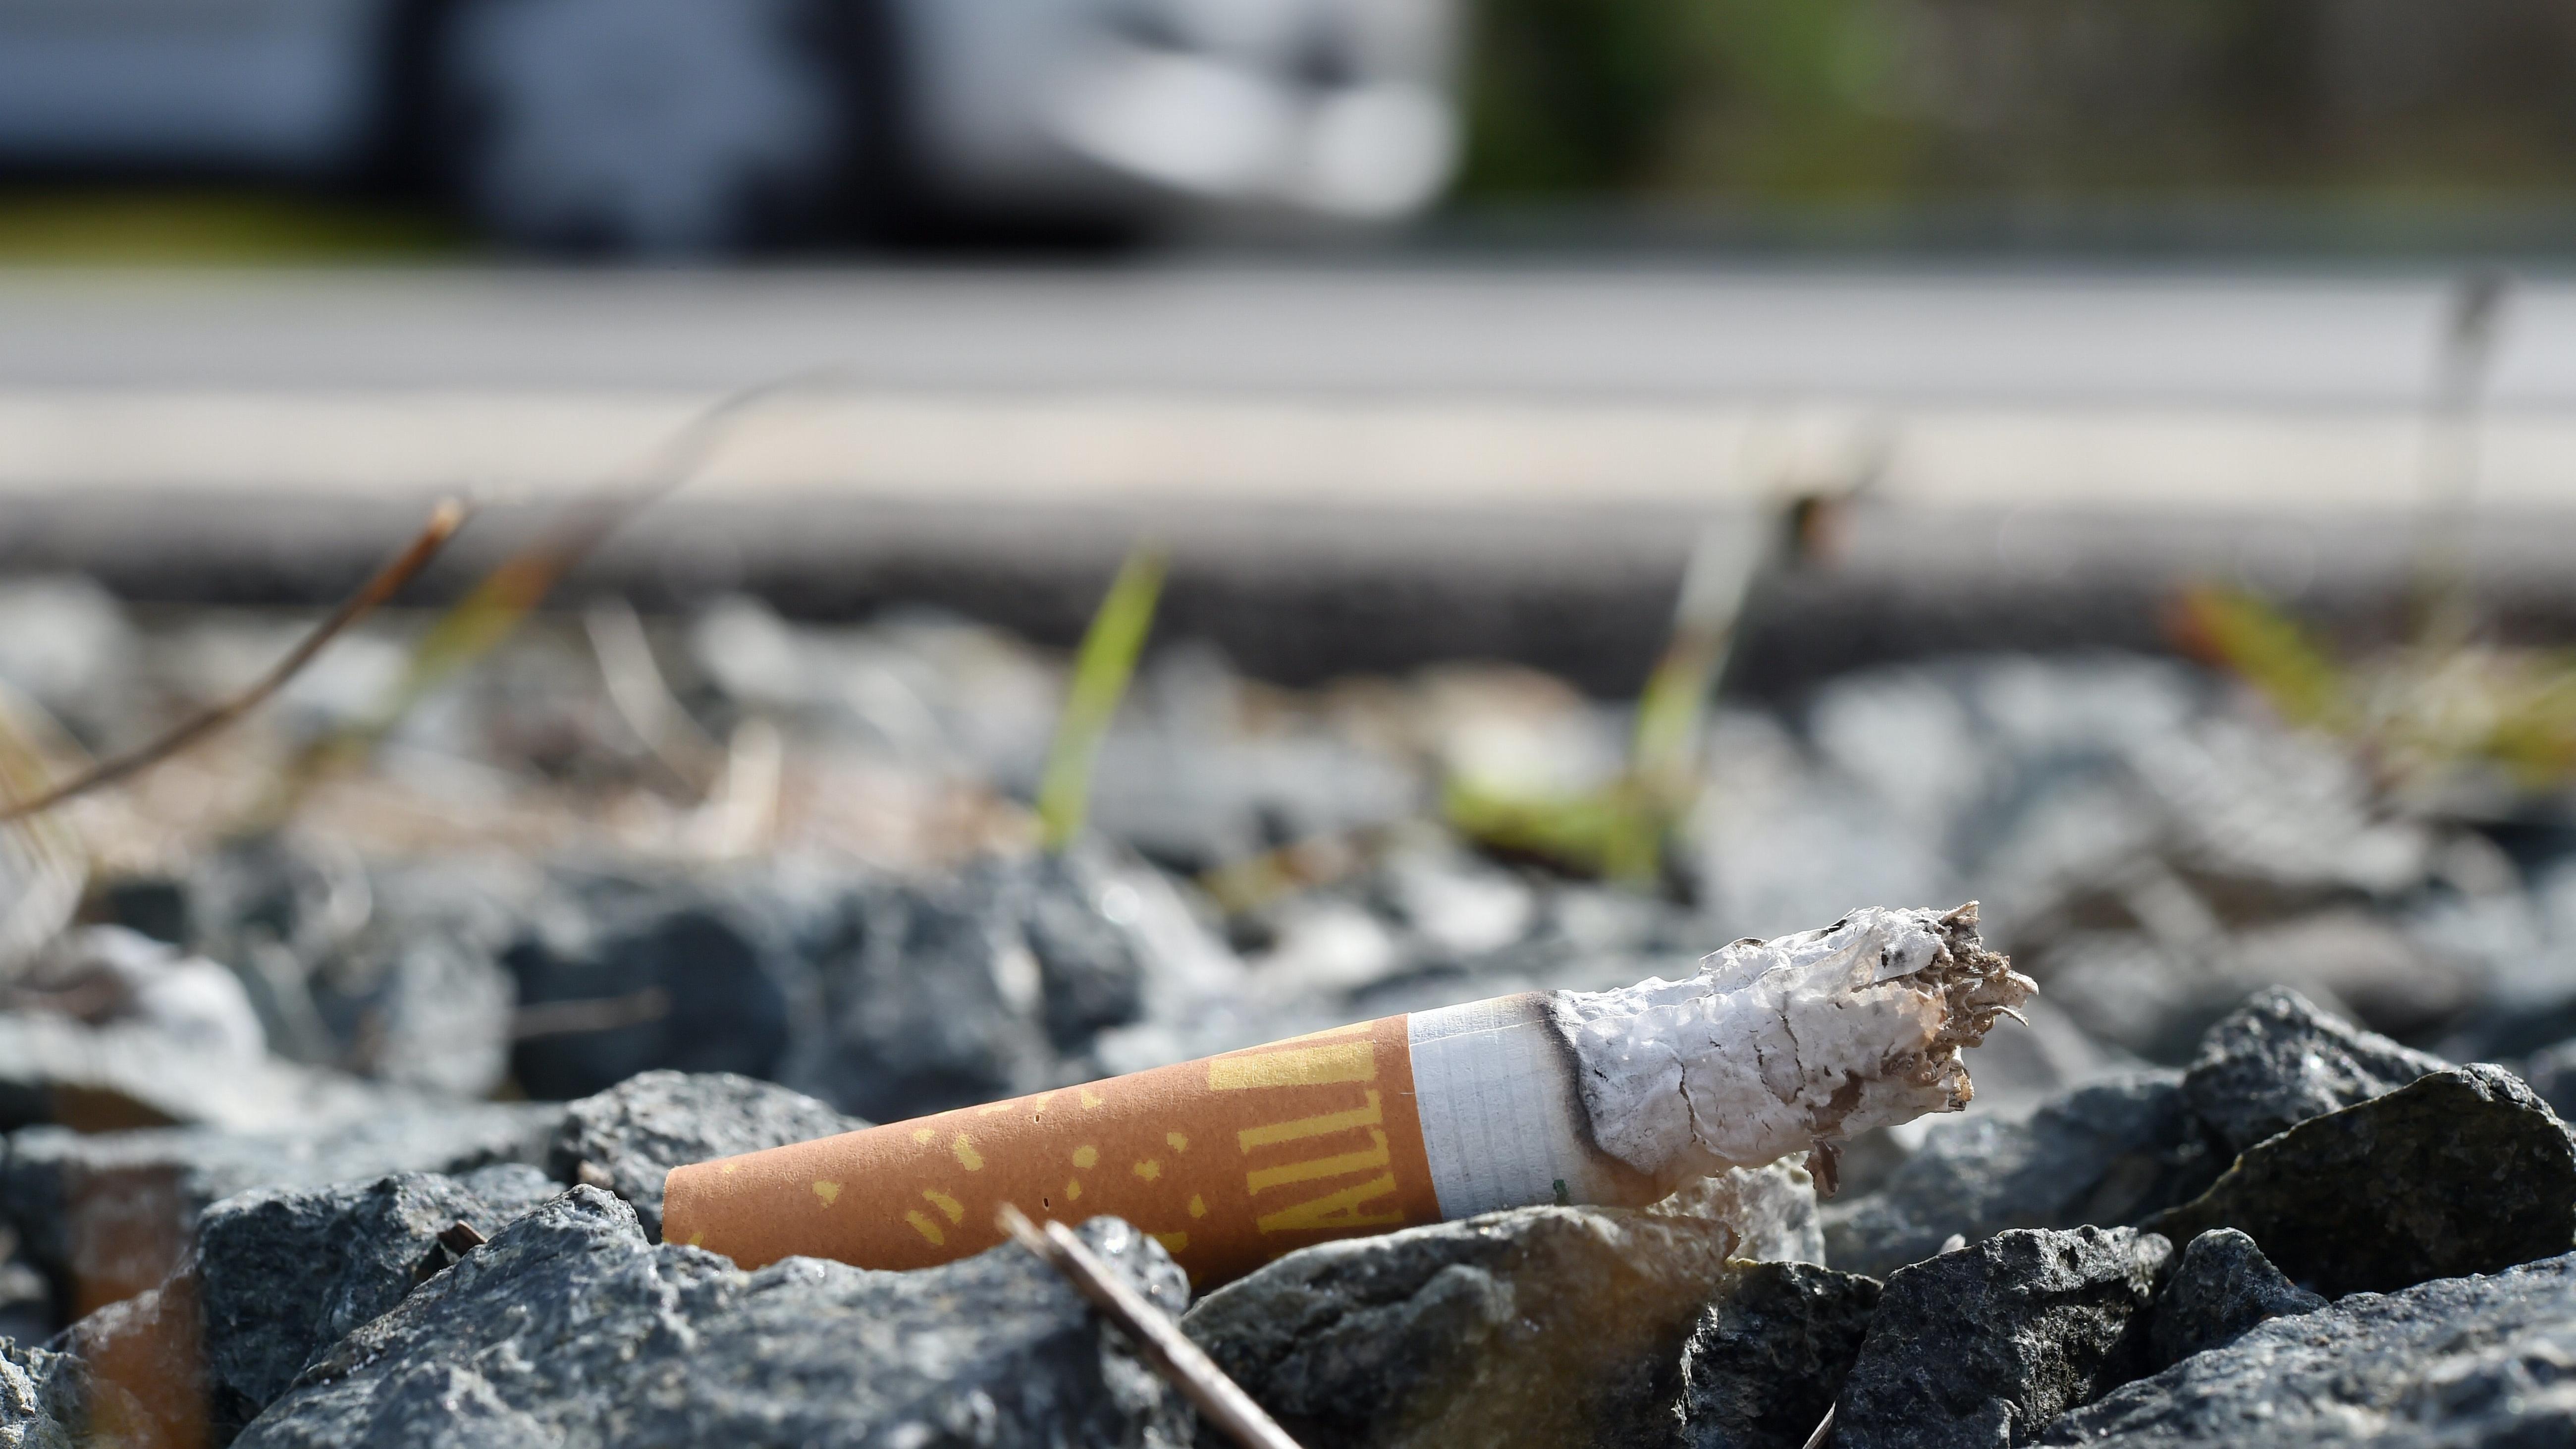 Tabakindustrie soll sich an Reinigungskosten für Zigaretten-Müll beteiligen